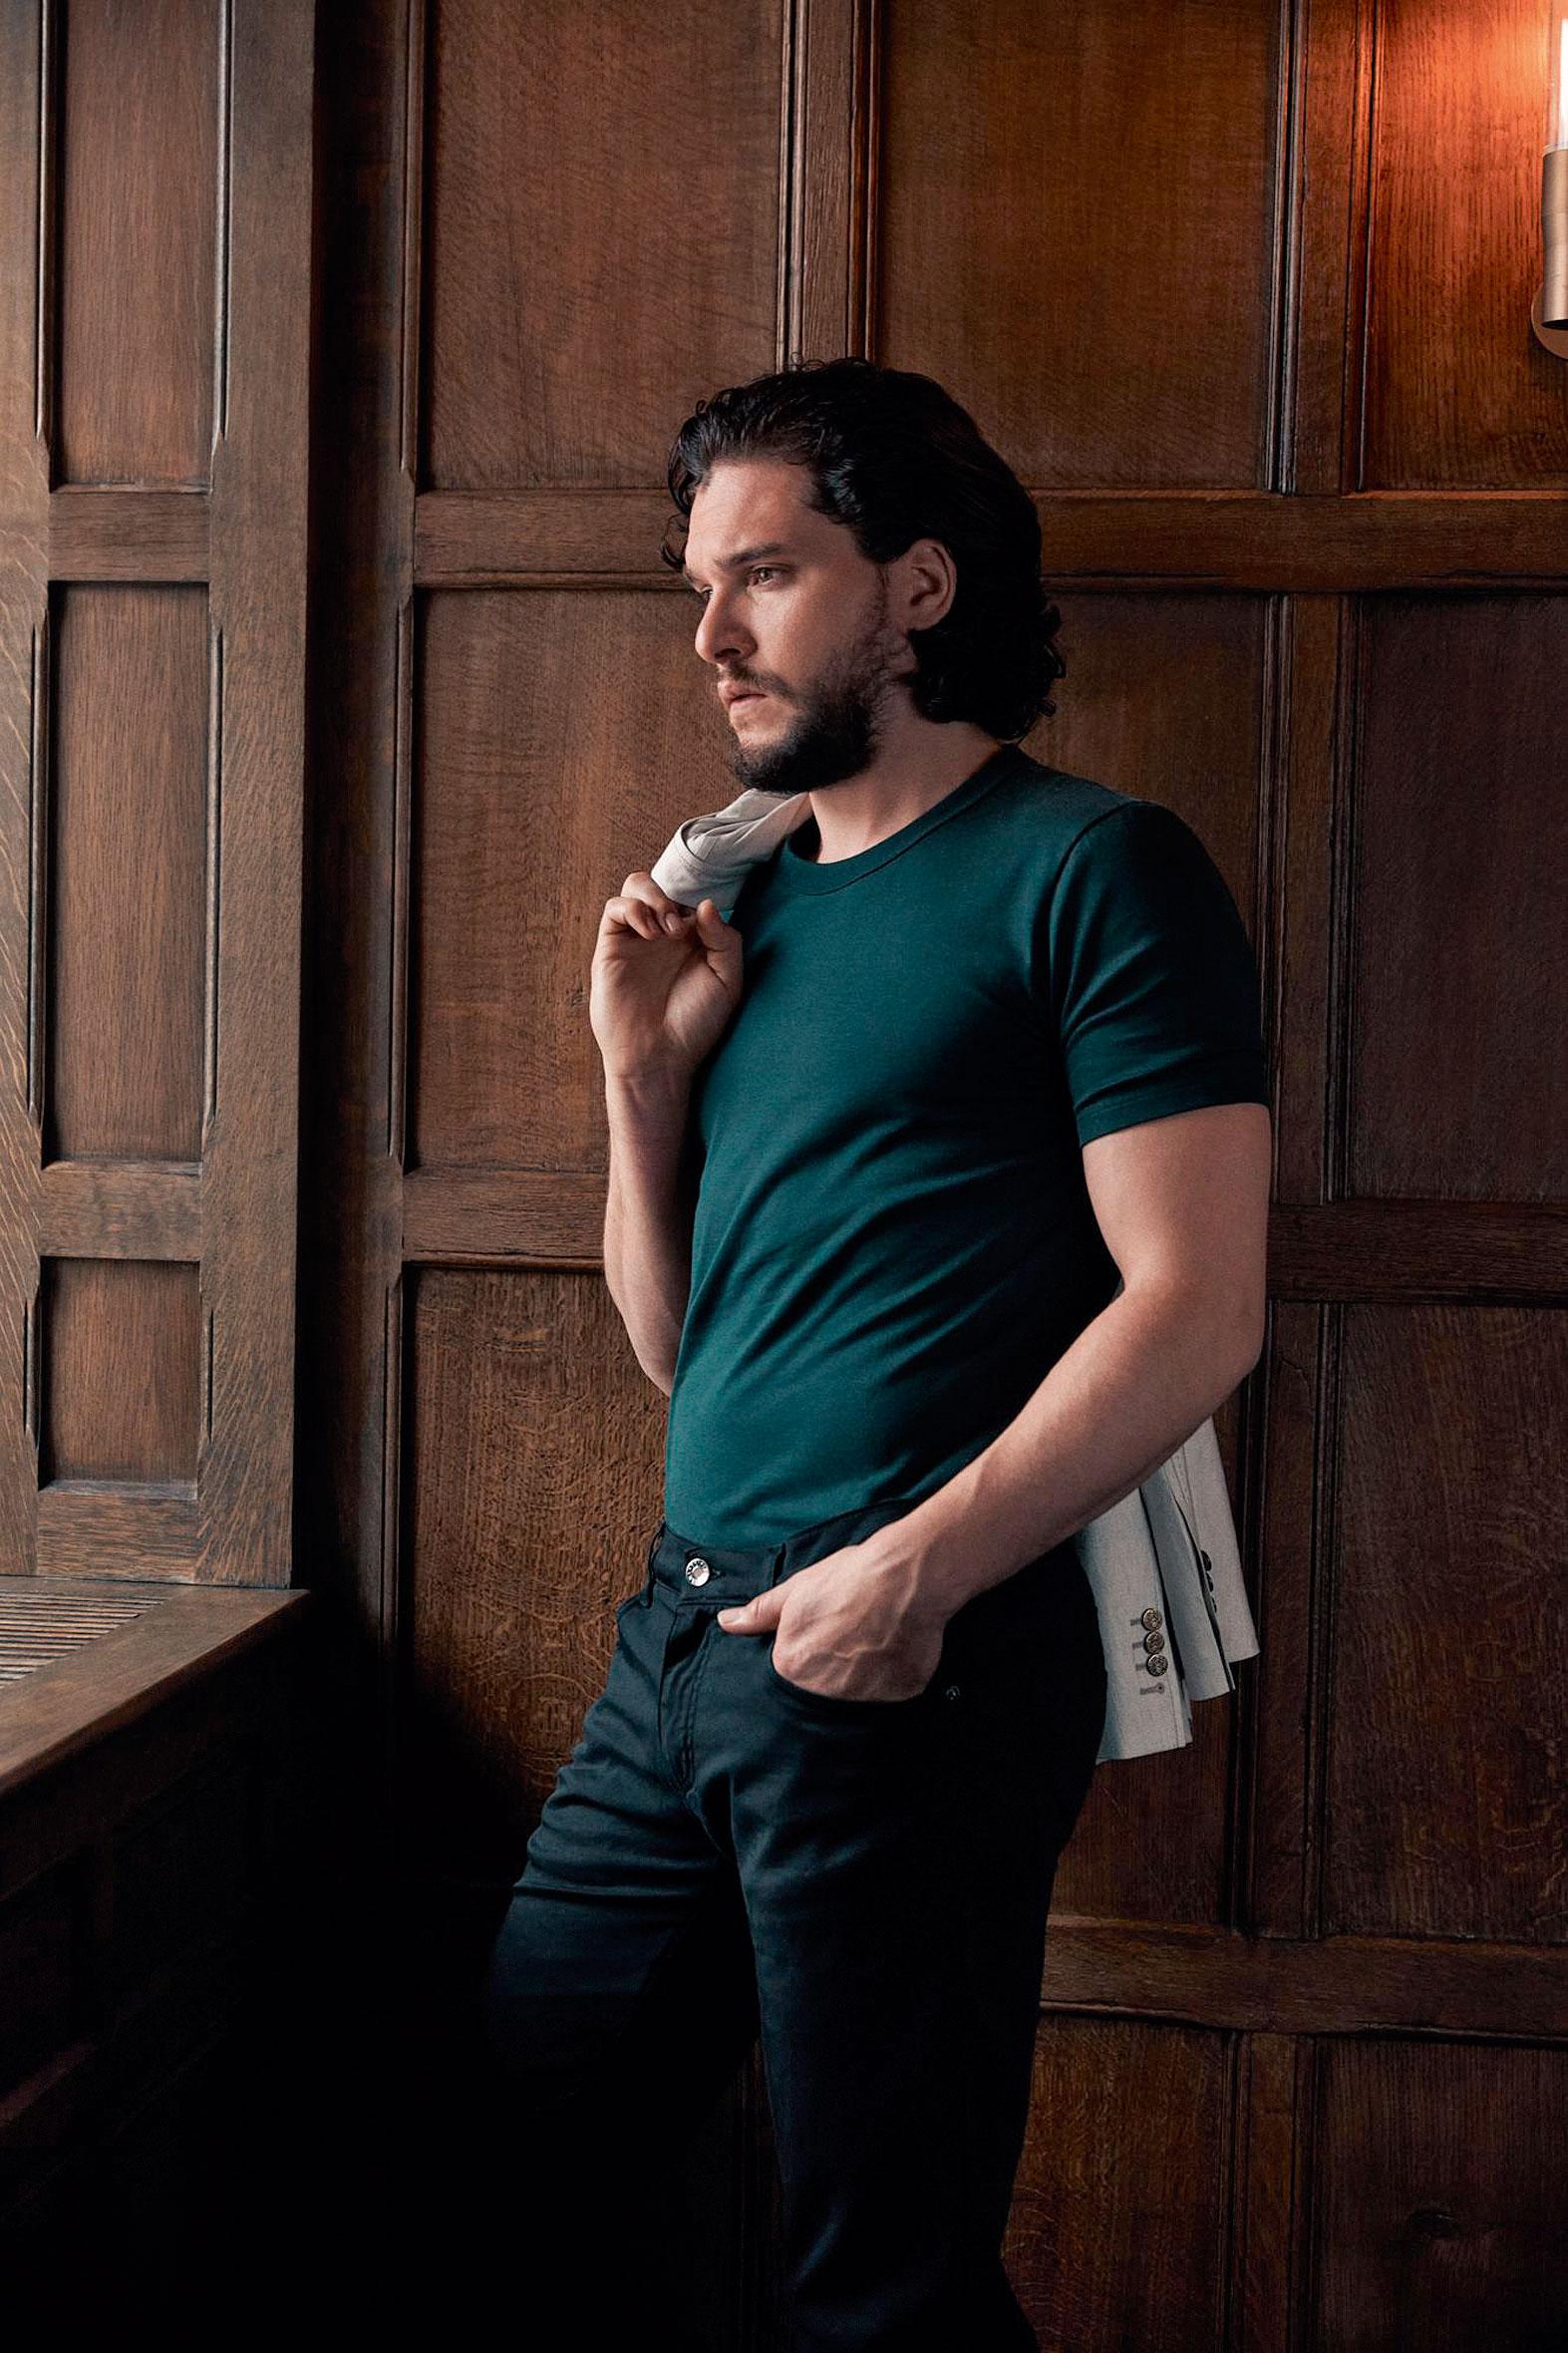 Пиджак, футболка, джинсы, все Dolce&Gabbana